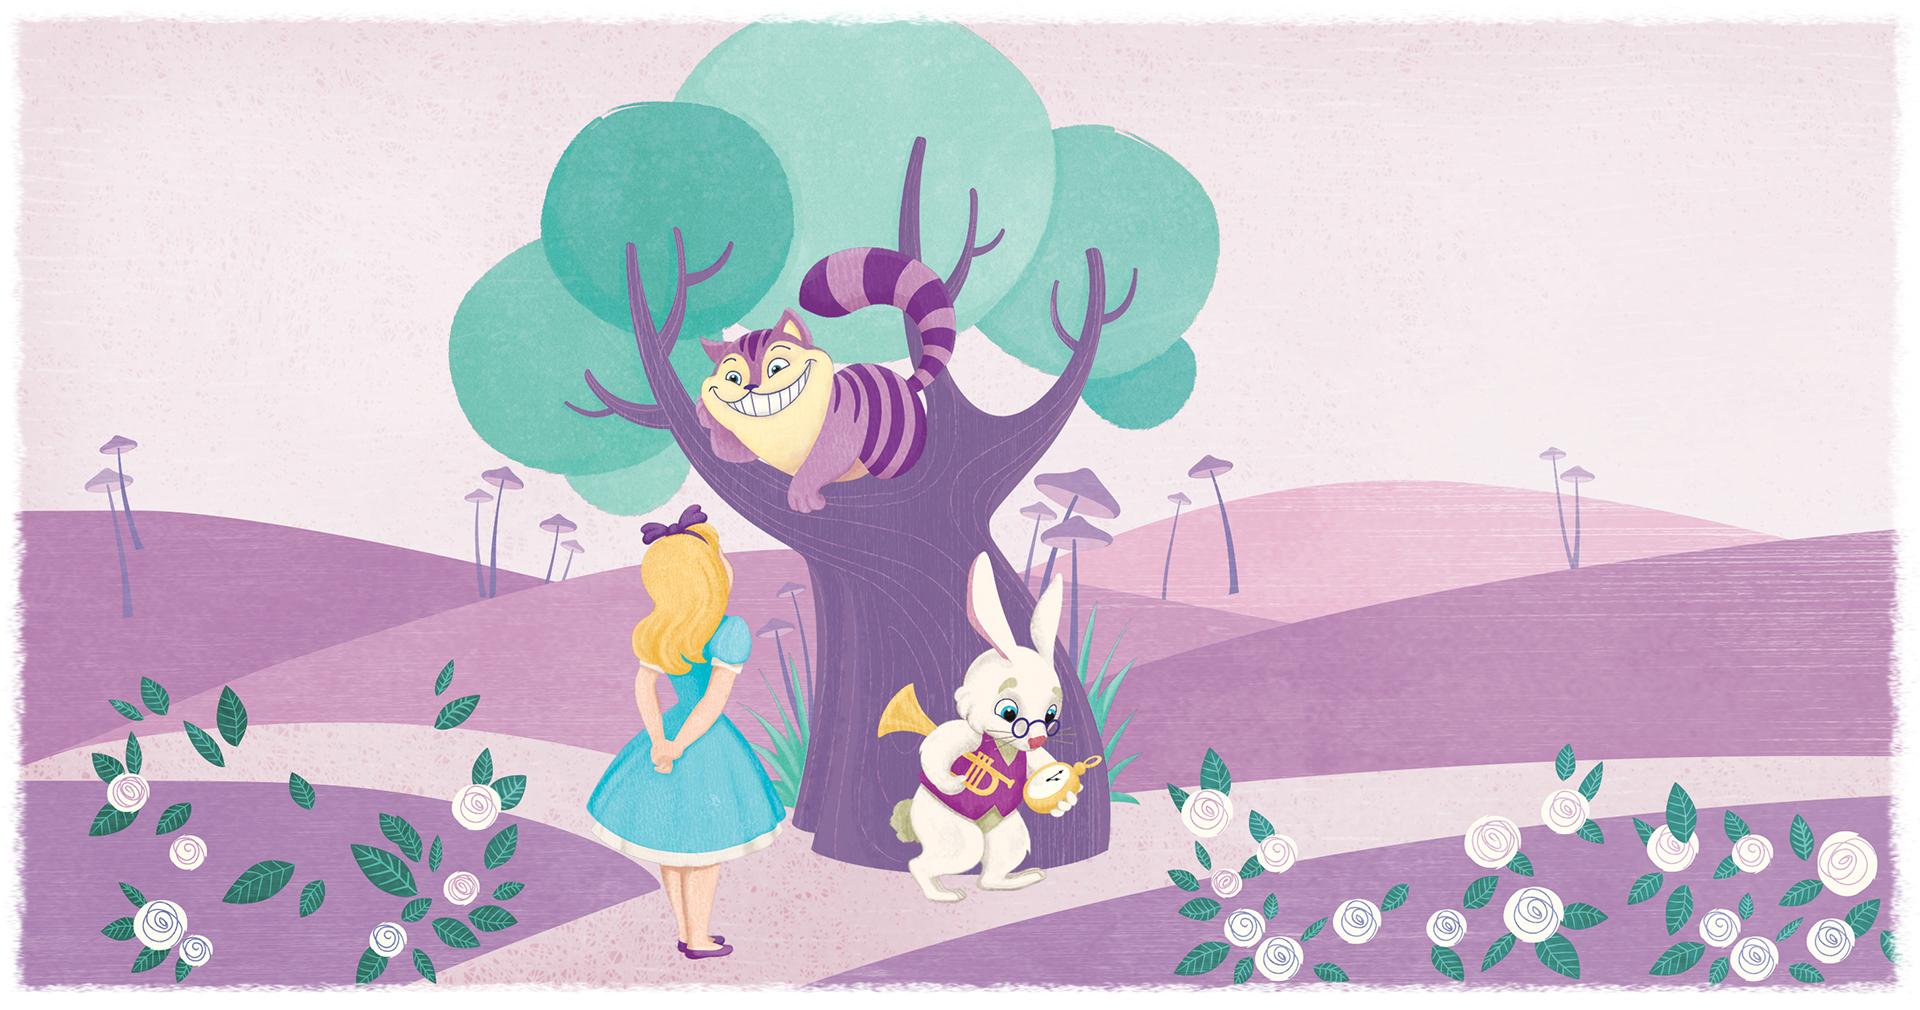 Pastiglie Leone Illustrazione Alice nel Paese delle Meraviglie - Eleonora Casetta